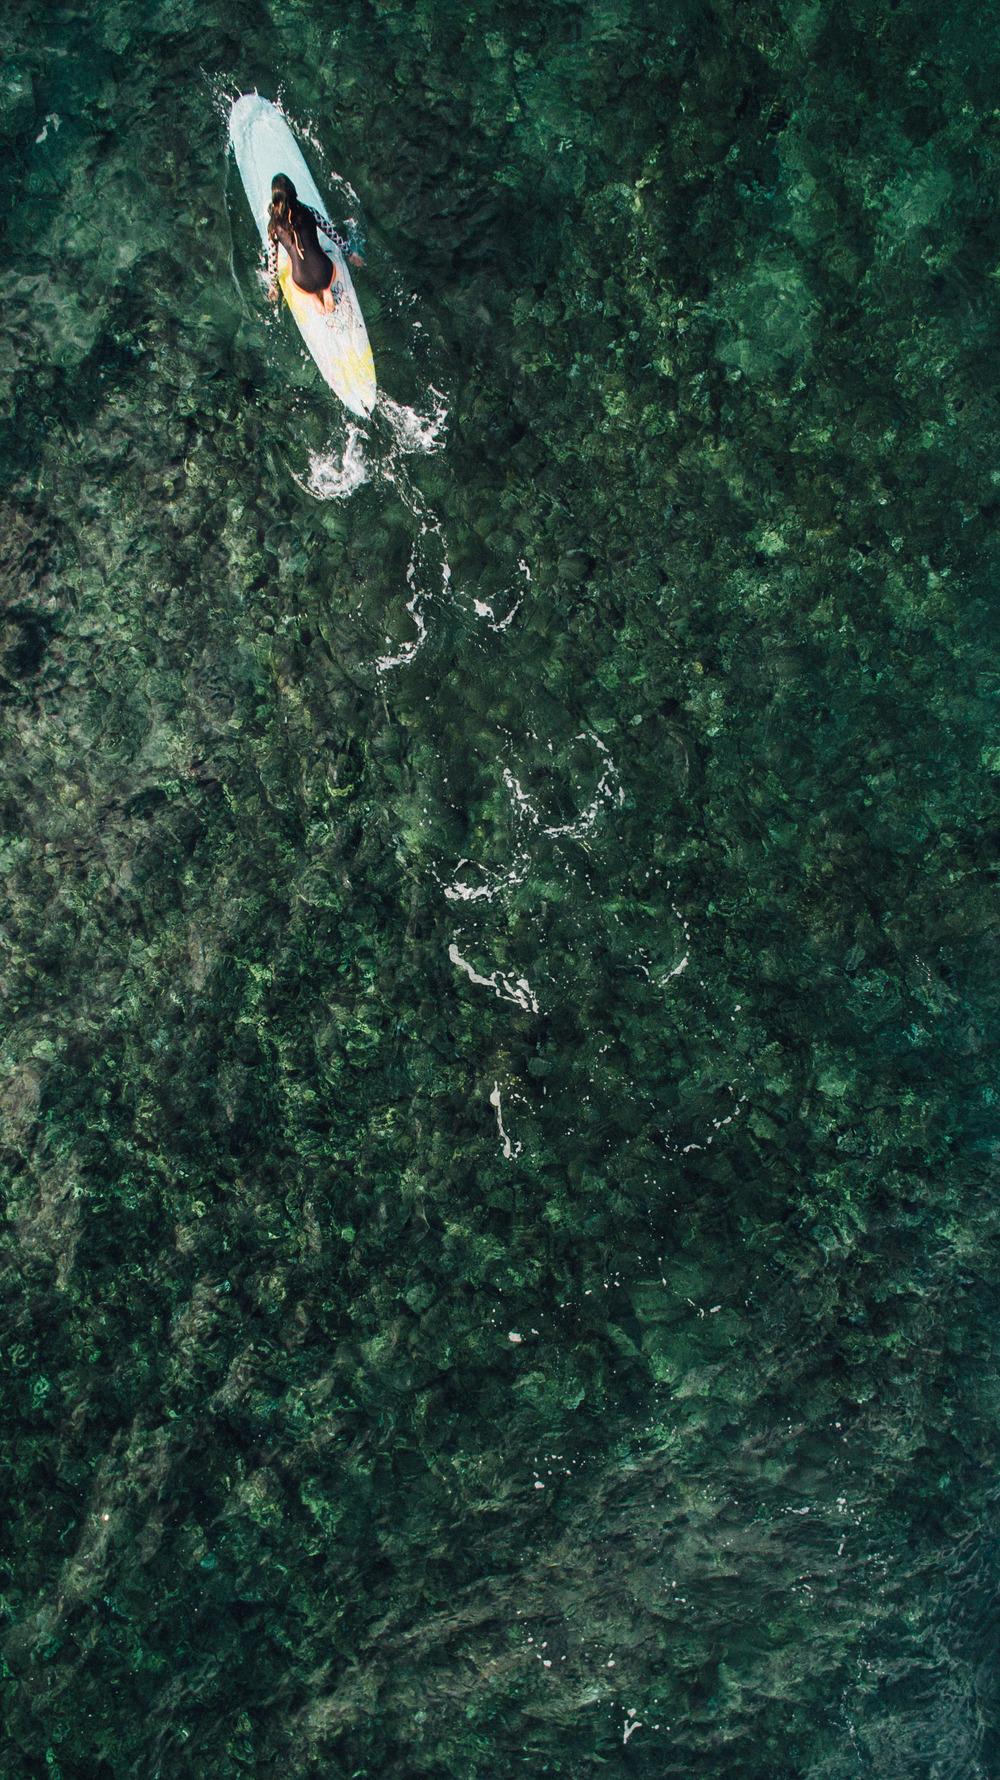 pk's+drone-14.jpg